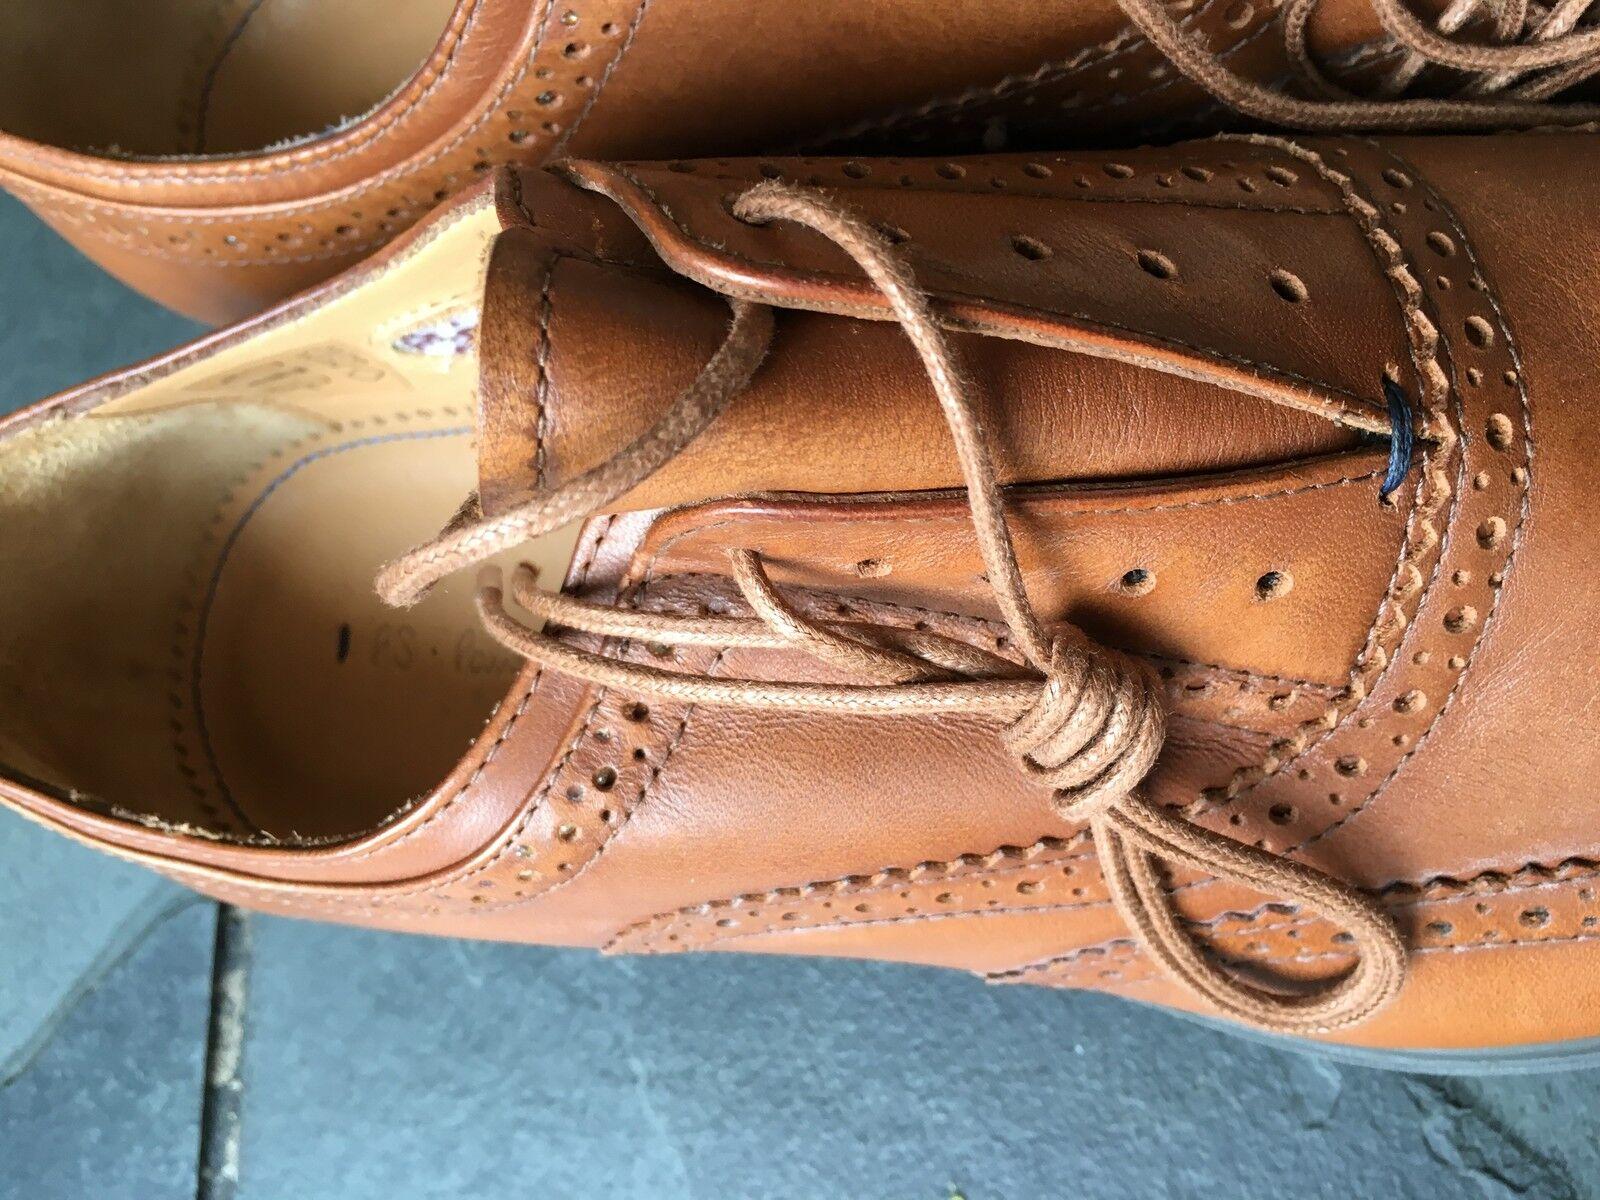 Paul Smith  PS Sammlung Sammlung Sammlung  hellbraunes Leder carson oxford Brogue Halbschuhe UK 7  4e7e65